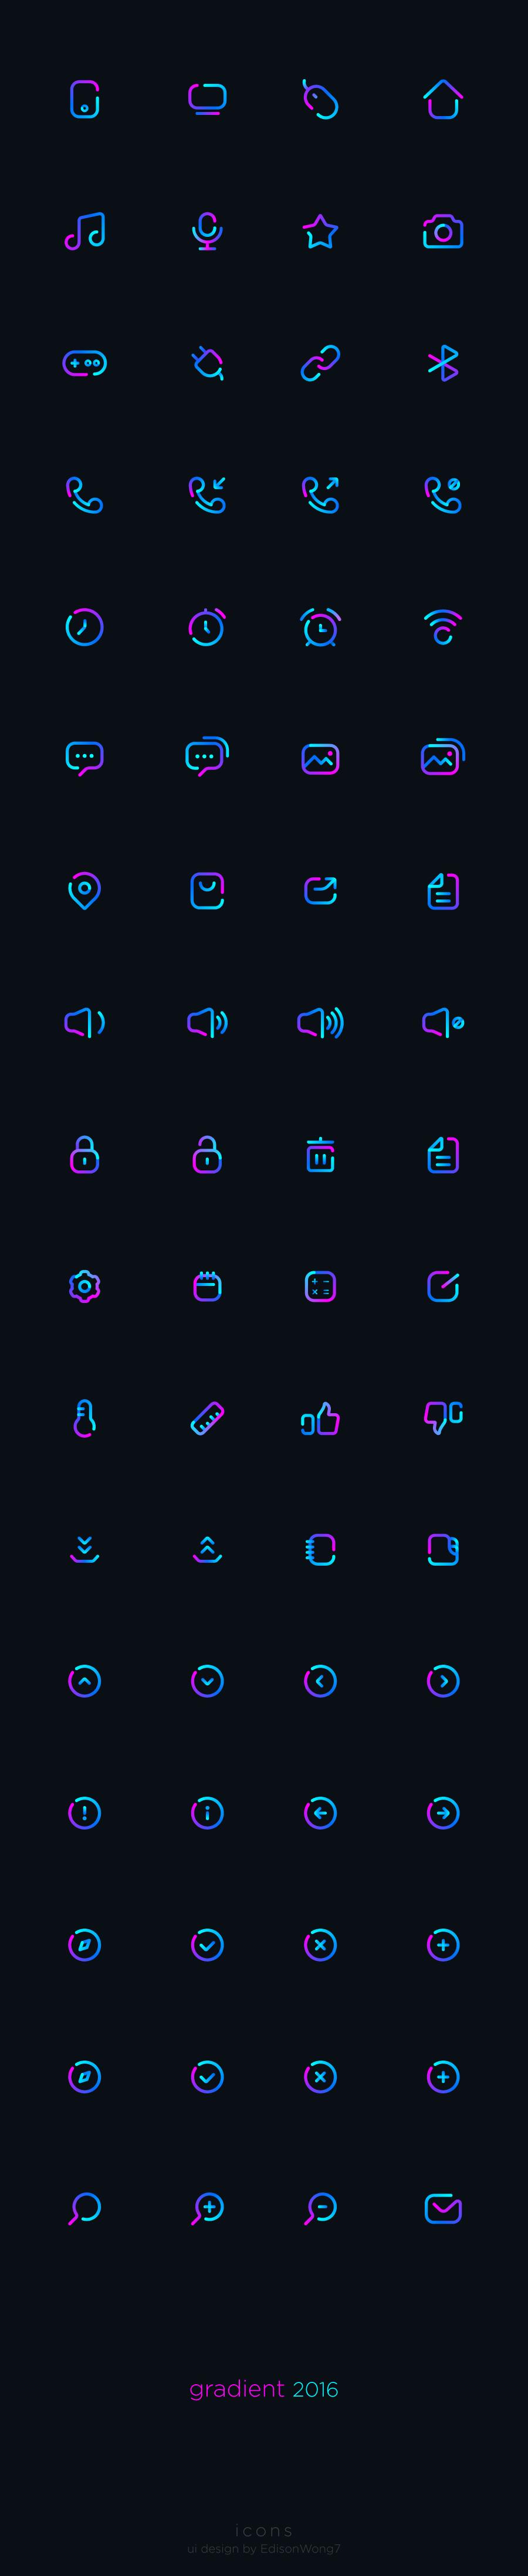 查看《gradient.icons2016》原图,原图尺寸:900x4393